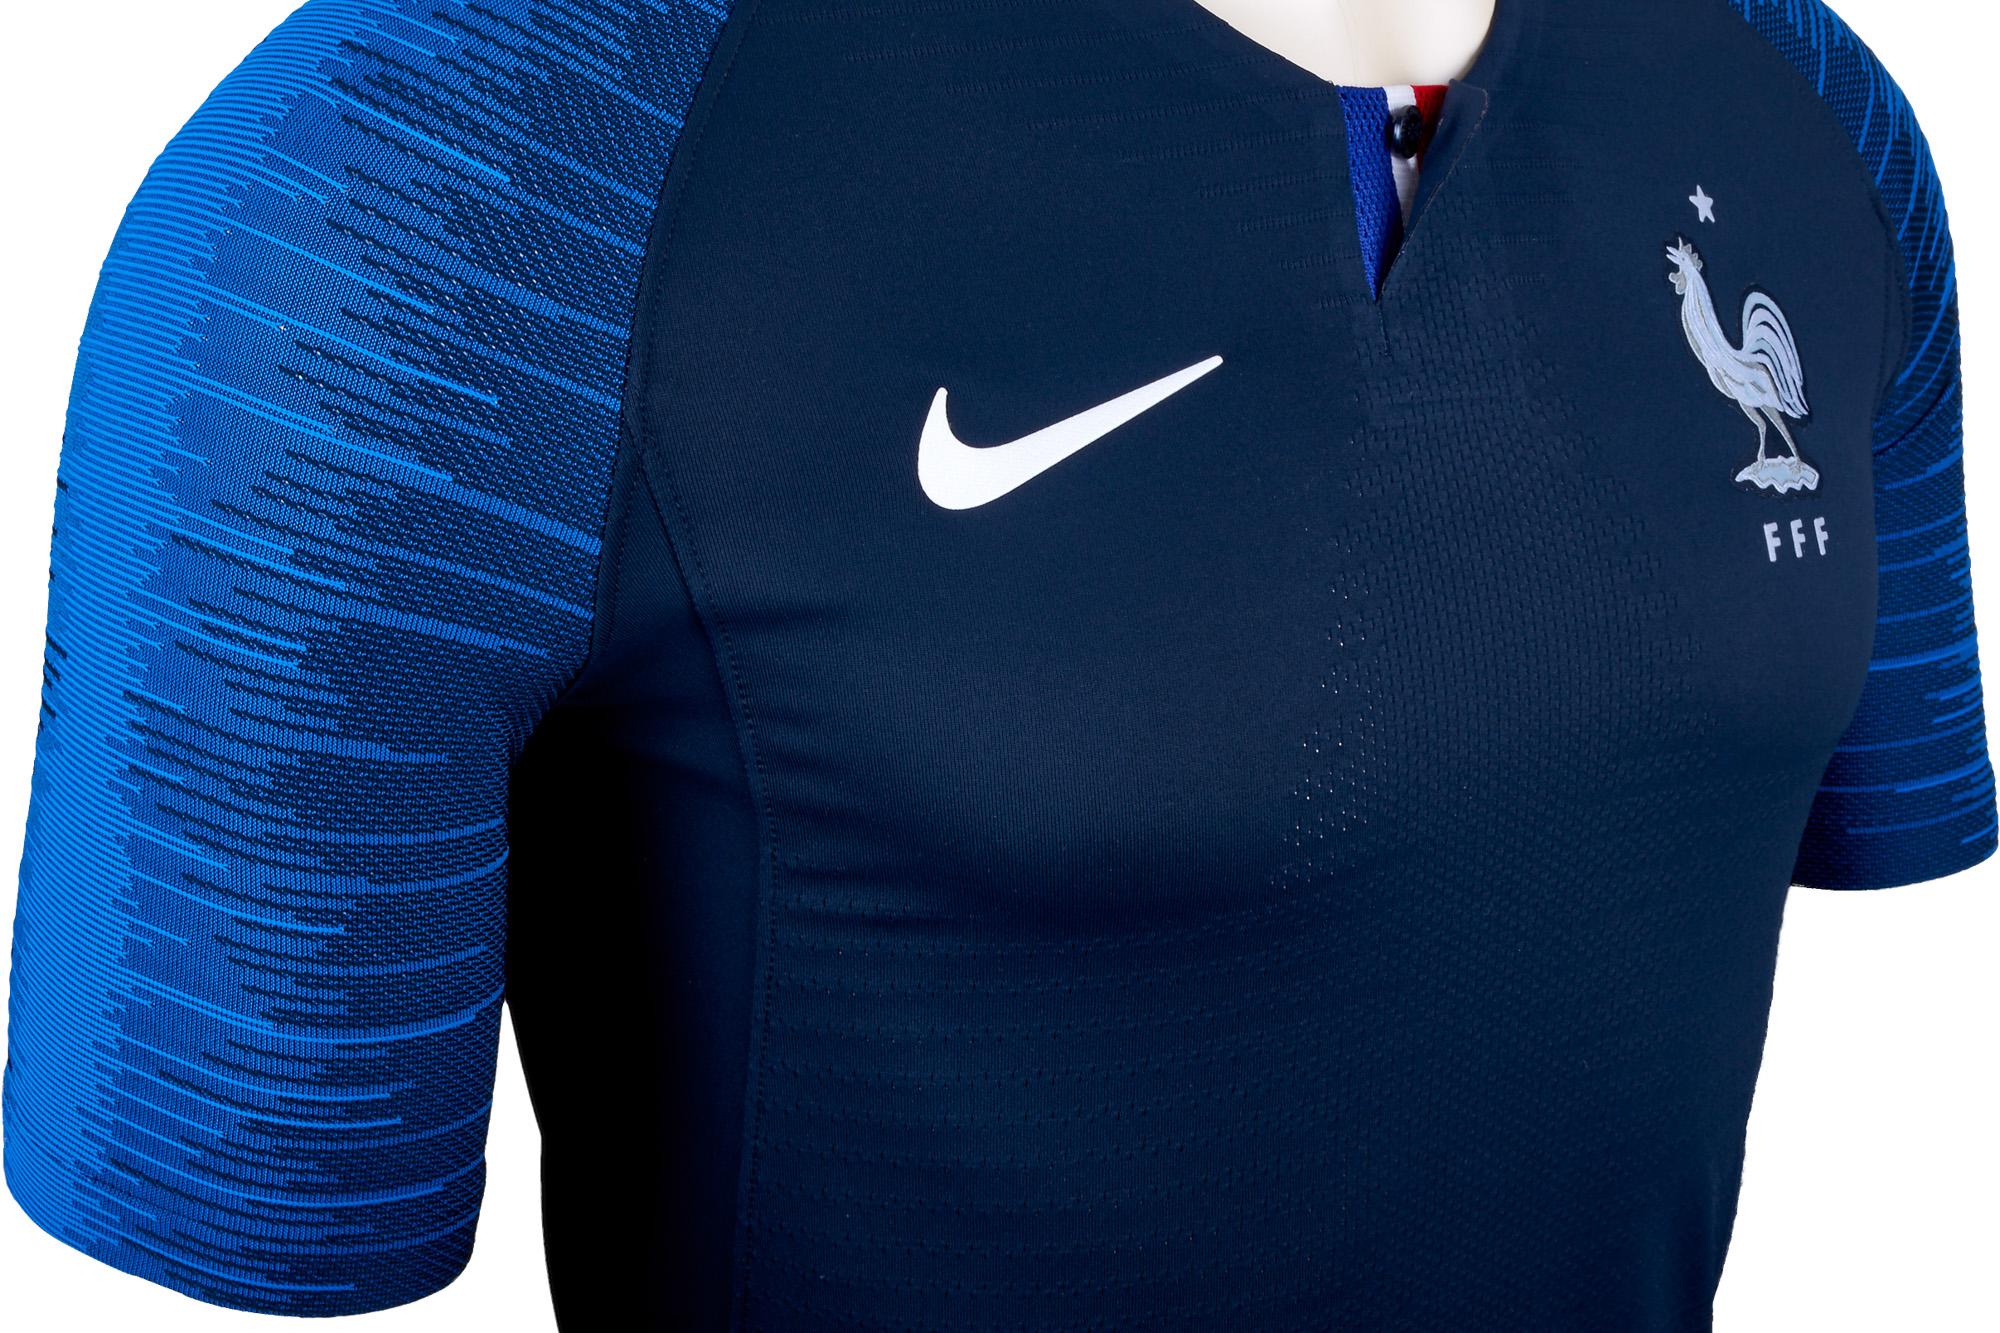 2018/19 Nike France Home Match Jersey - SoccerPro